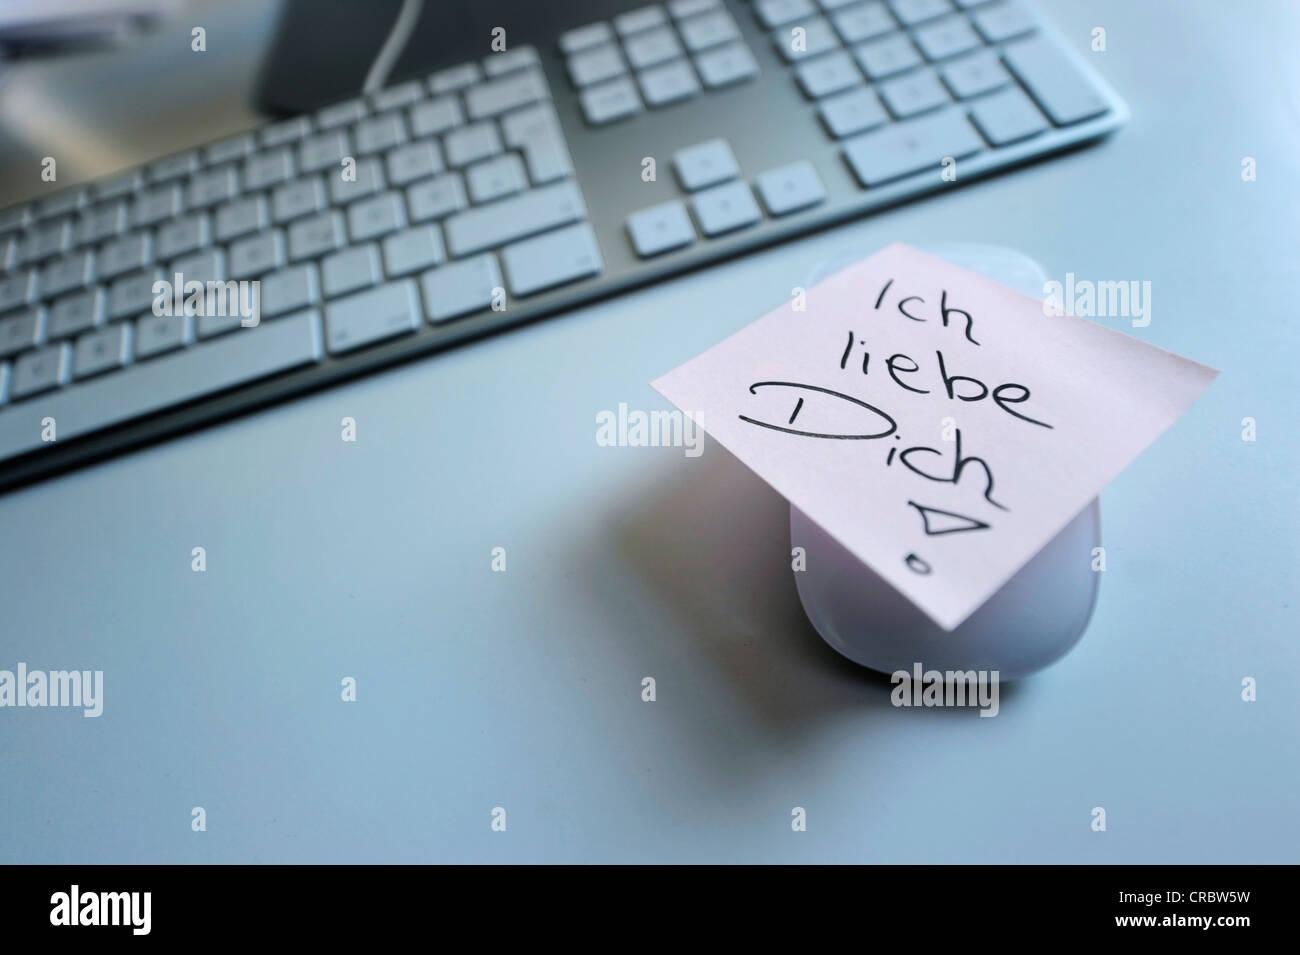 """Notiz mit den Worten """"Ich Liebe Dich"""", Deutsch für """"Ich liebe dich"""", neben Computer-Tastatur, Stockbild"""